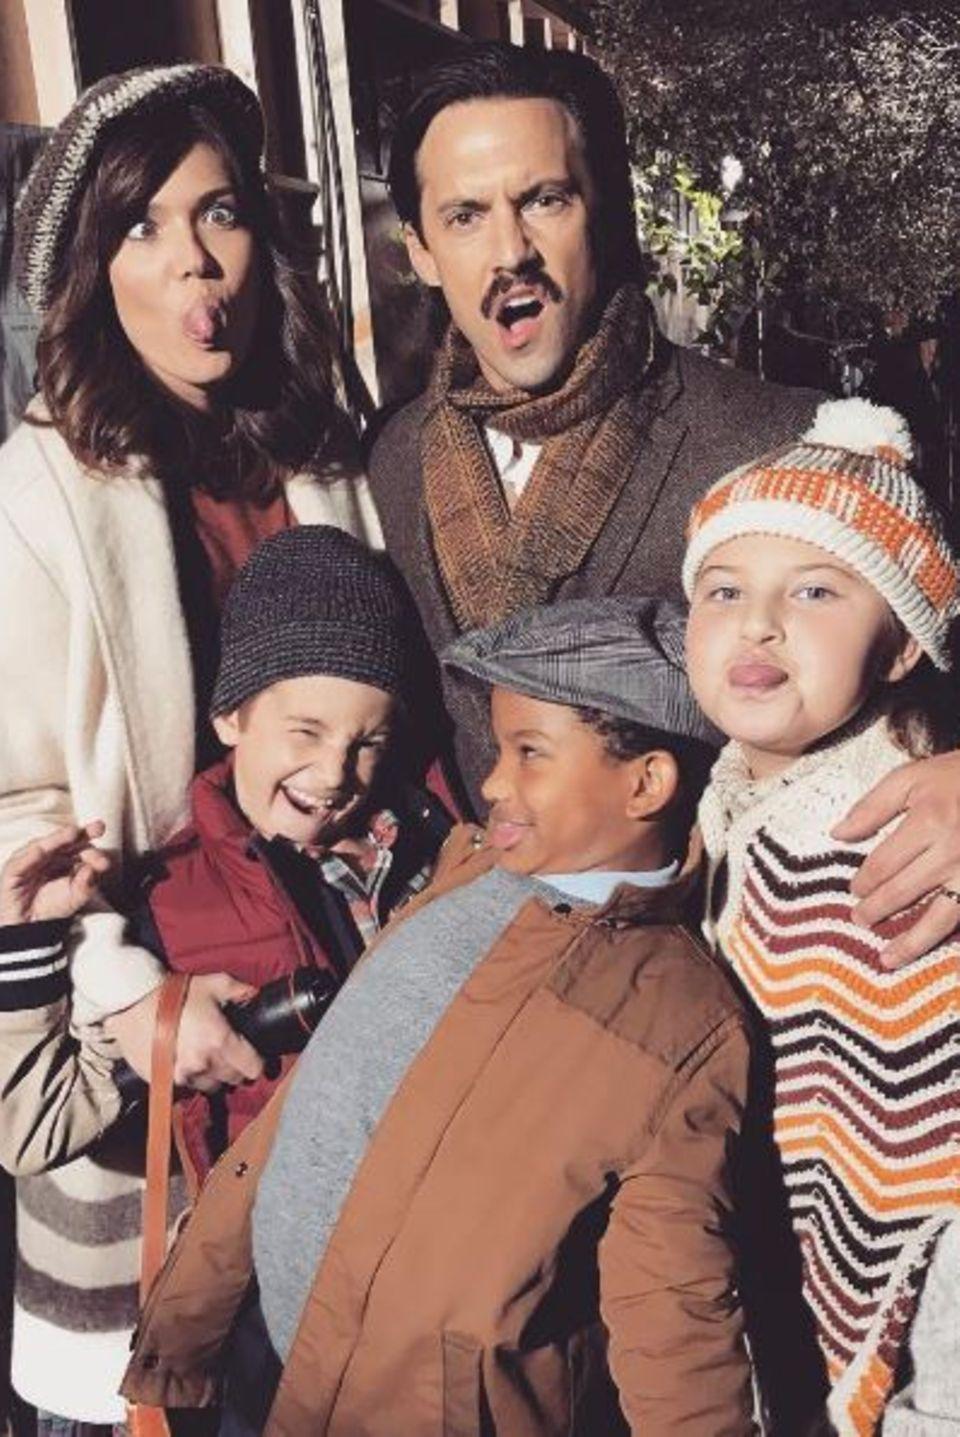 """13. Oktober 2016: Mandy Moore postet dieses Foto vom Dreh der Serie """"This Is Us"""". Alle ziehen eine Grimasse, aber Mandy Moore schreibt: """"Wir haben null Spaß bei der Arbeit."""""""